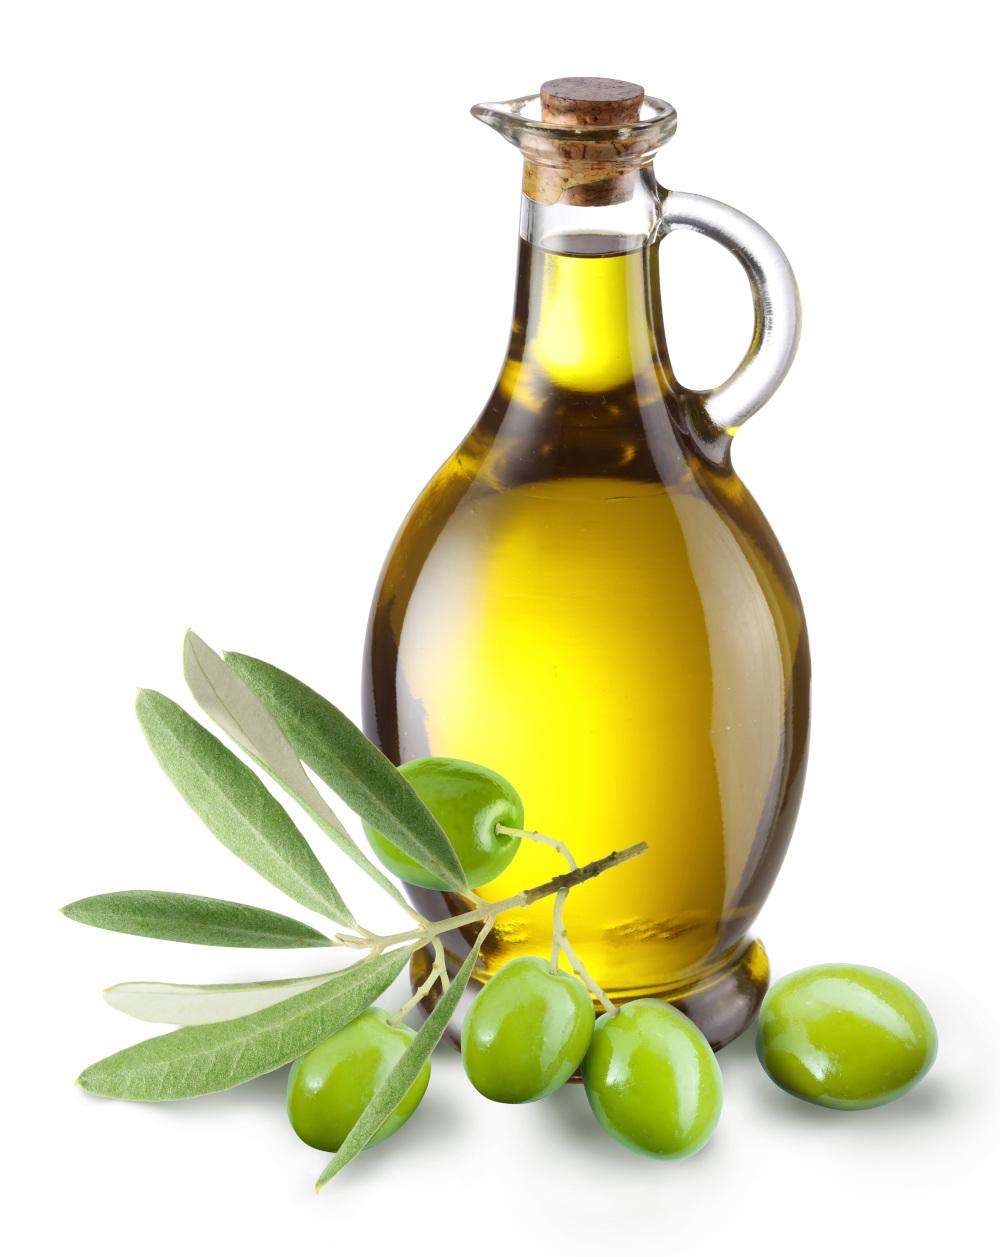 butelka z olejem na białym tle obok położone oliwki